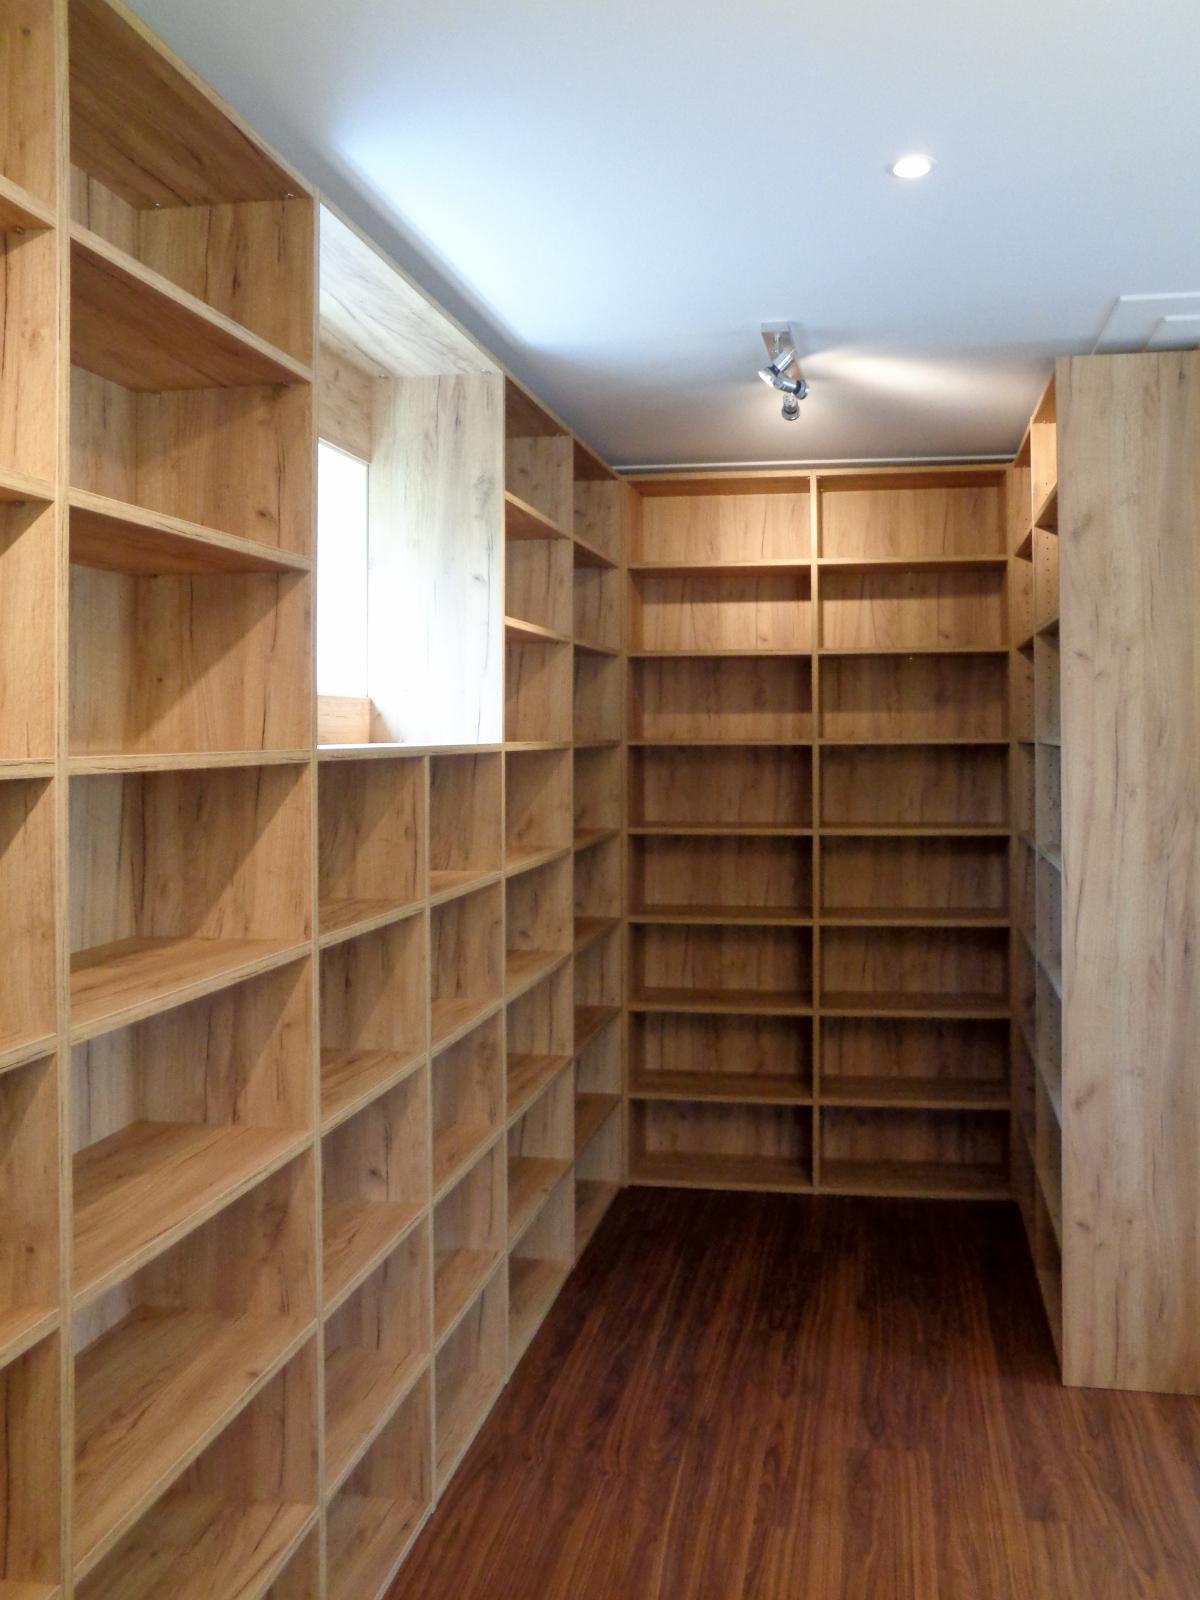 Een boekenkast, industrieel, klassiek of strak, met deuren of open ...